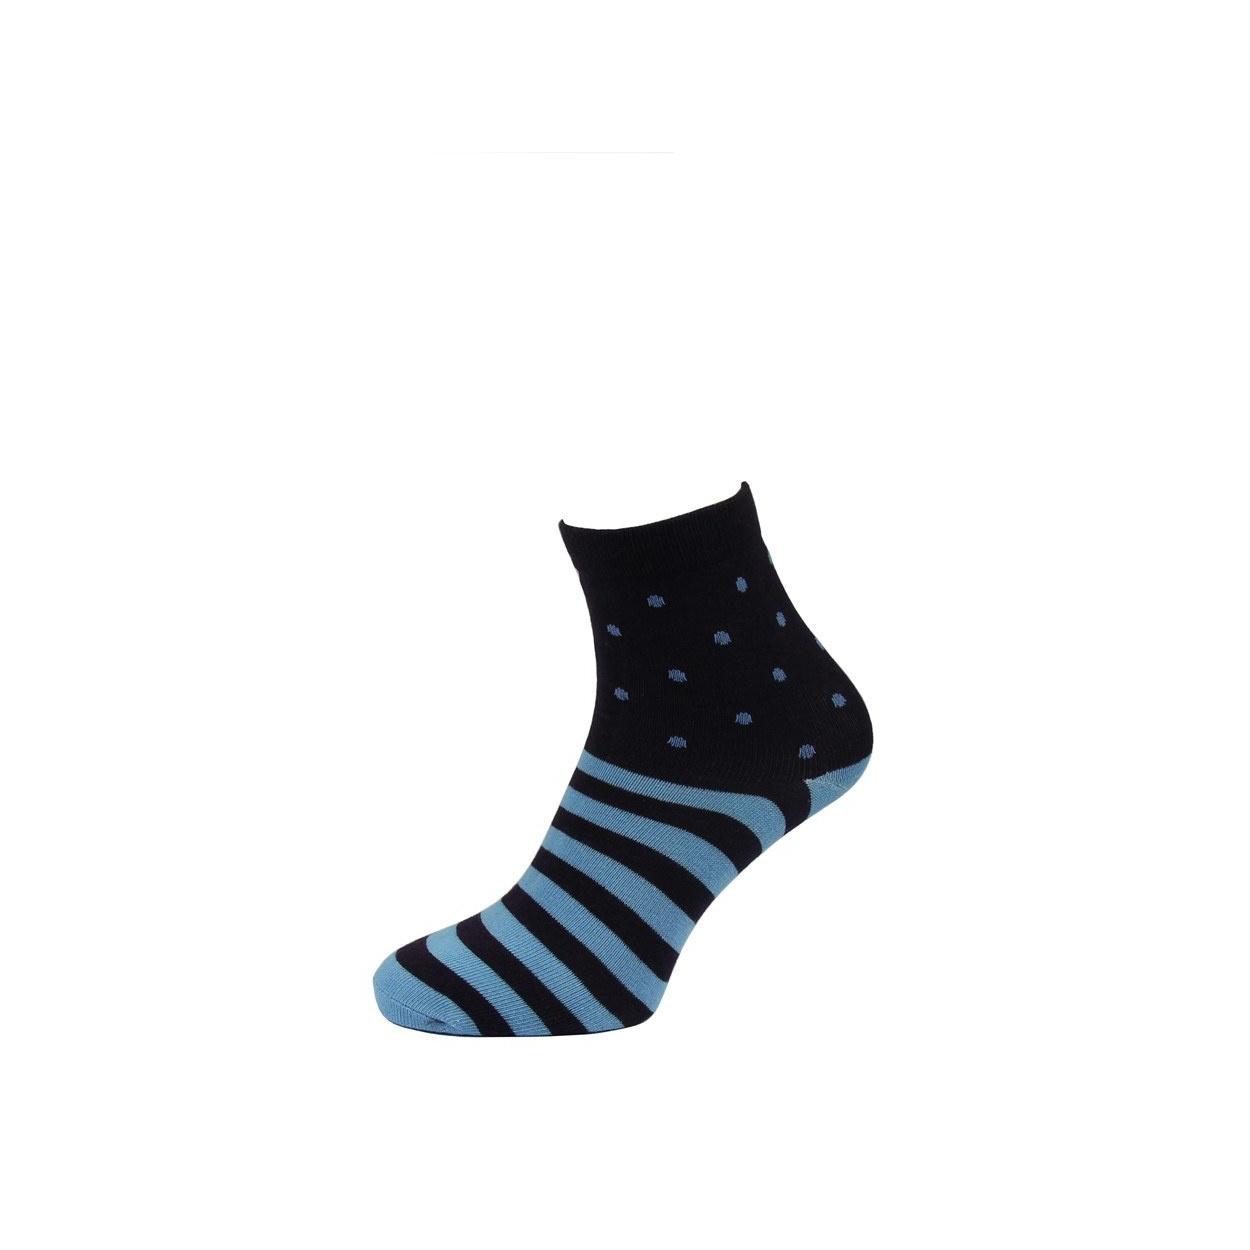 Tmavě modré pánské ponožky s modrými pruhy a puntíky